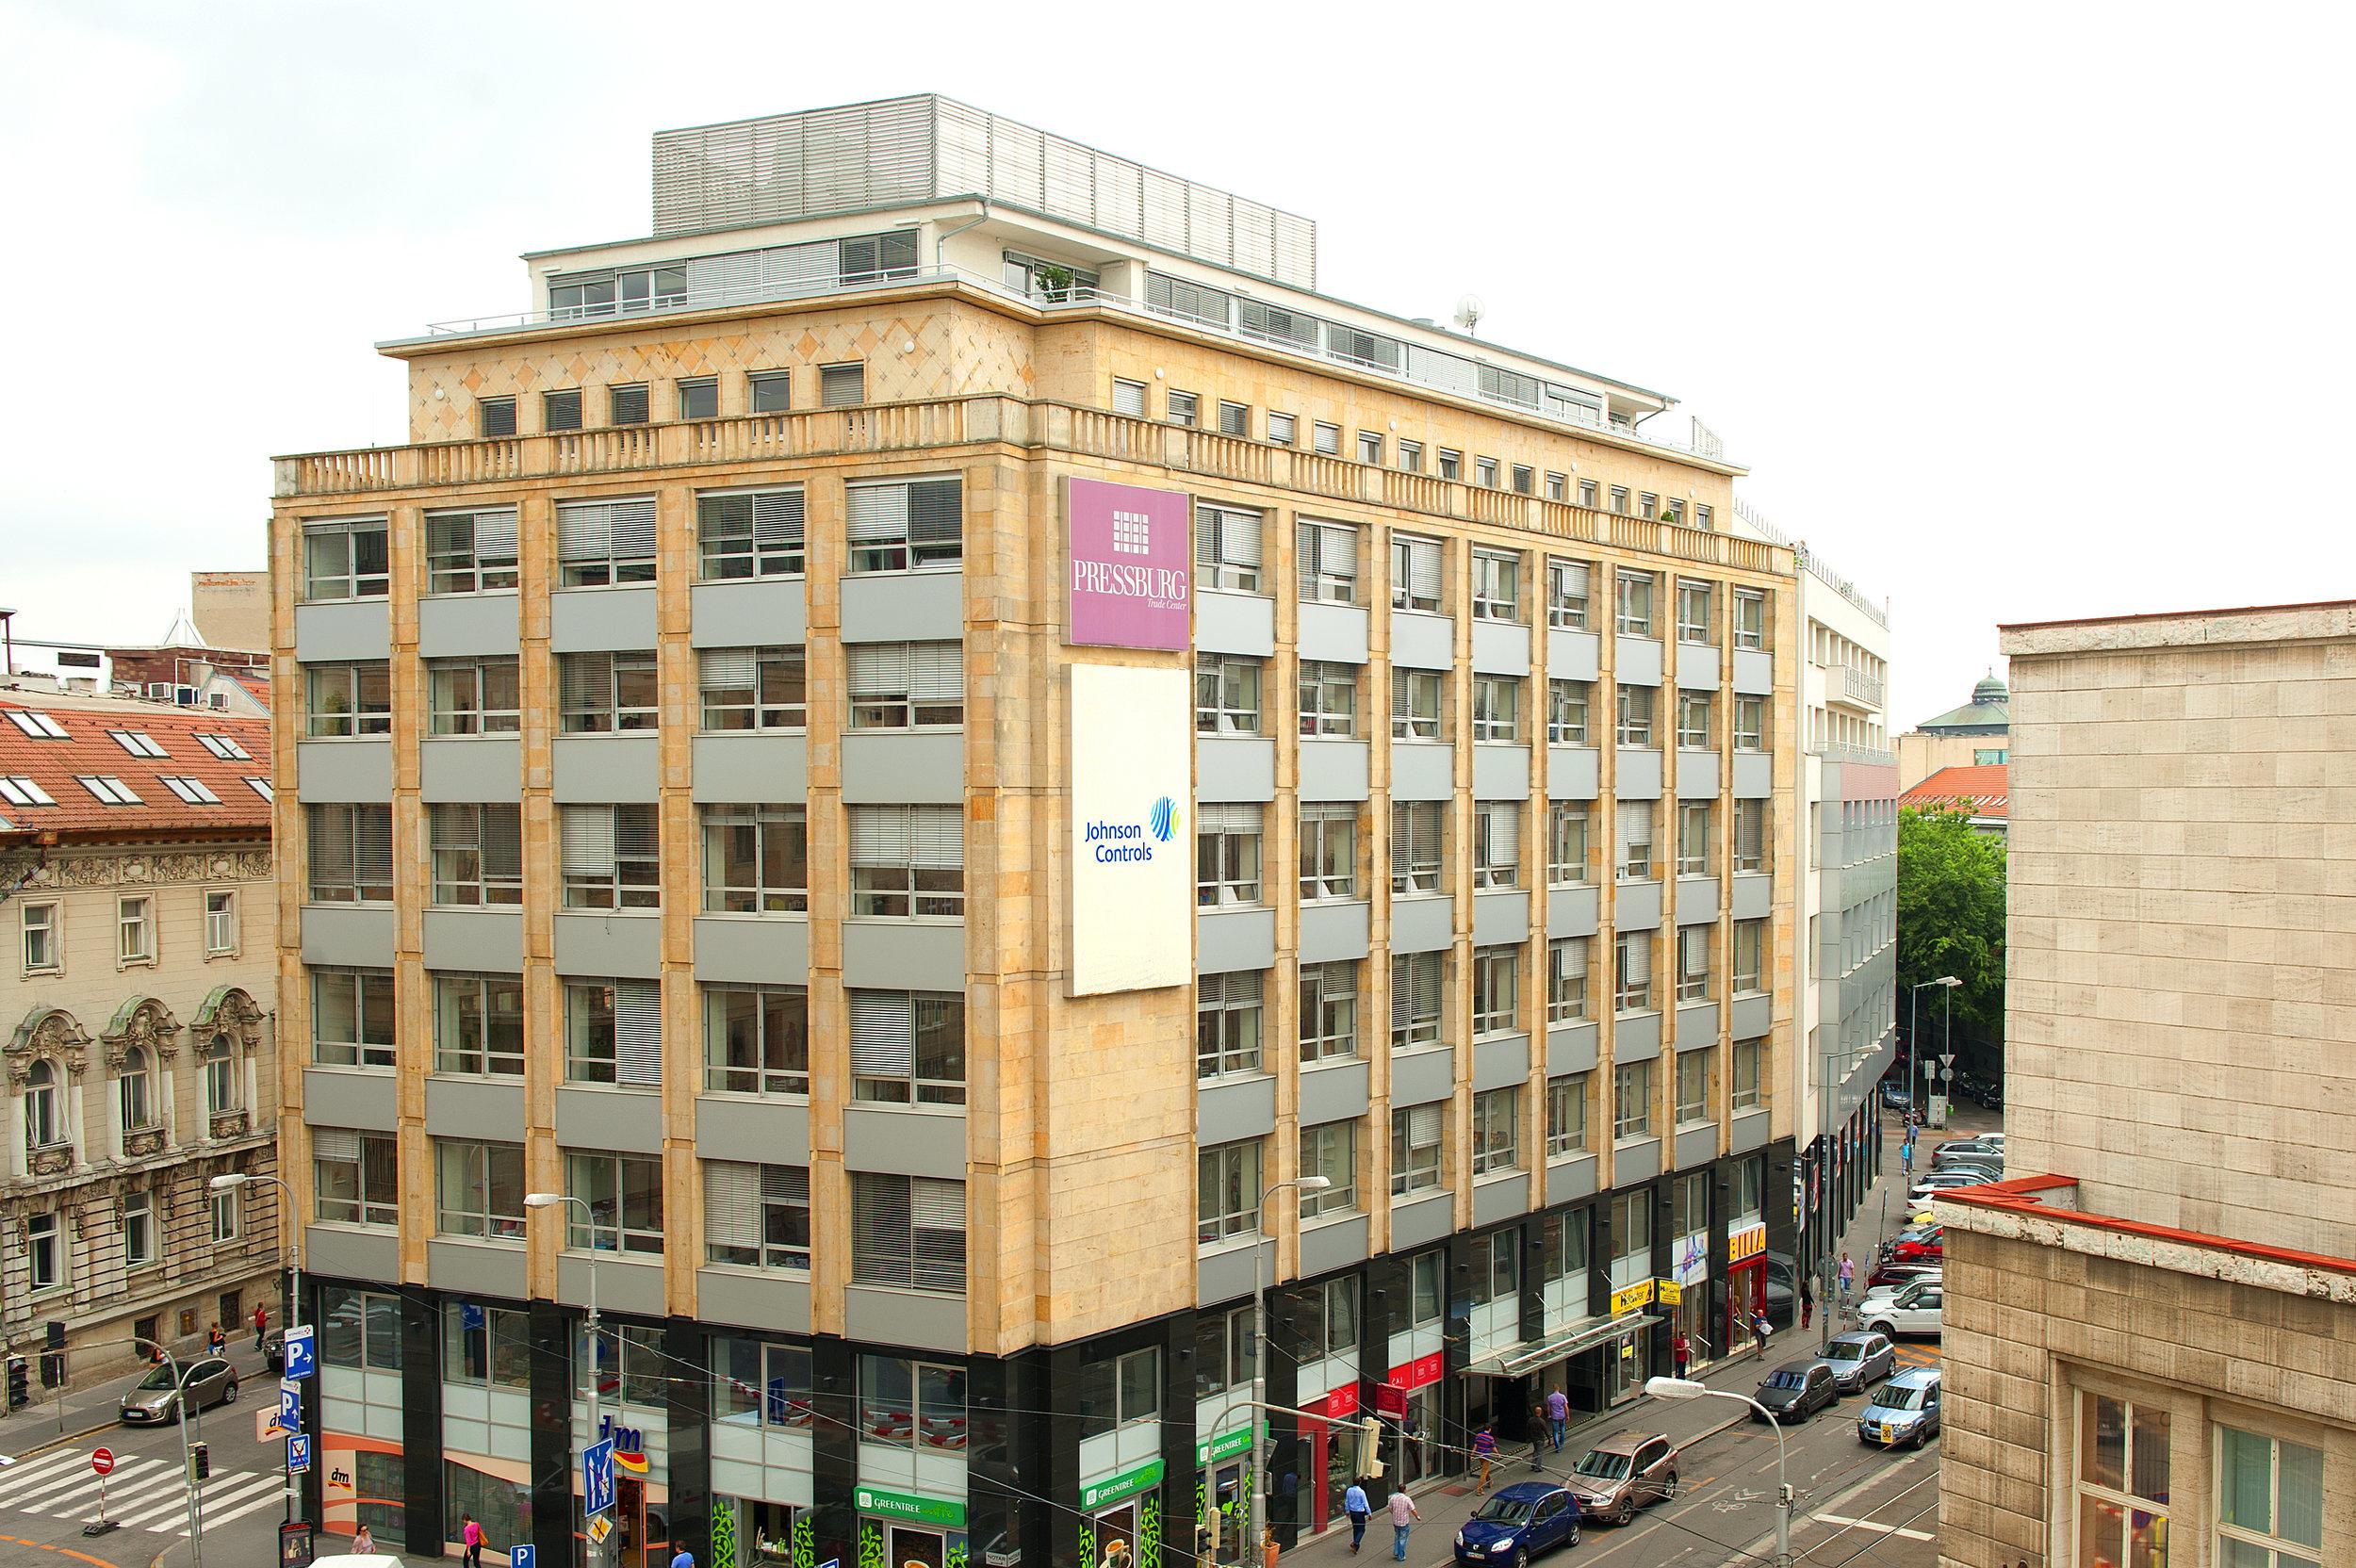 Biznis centrum v Bratislave. Adient riadi na Slovensku 8 prevádzok. V Bratislave sa nachádza jediné biznis centrum novej spoločnosti na svete. Približne 900 zamestnancov v bratislavskom centre podporuje celosvetové obchodné aktivity spoločnosti.